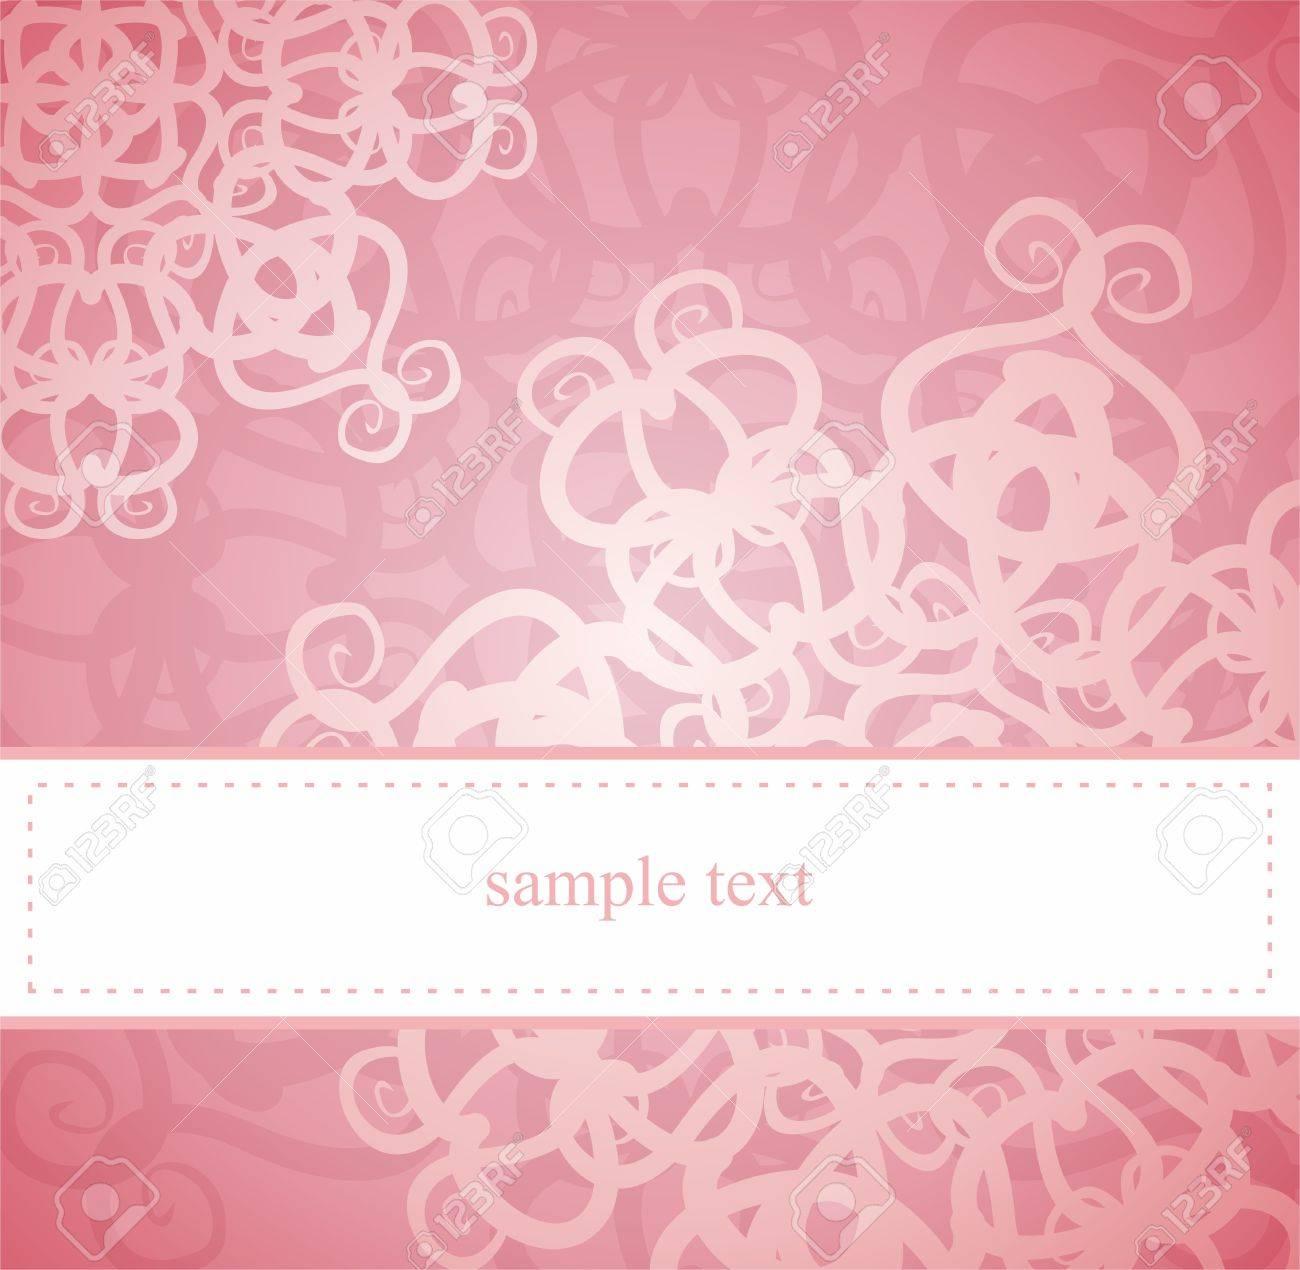 Tarjeta Clásica Elegante O La Invitación Para La Fiesta Un Cumpleaños O Una Boda De Color Rosa Con Adornos Florales Abstractos El Espacio En Blanco